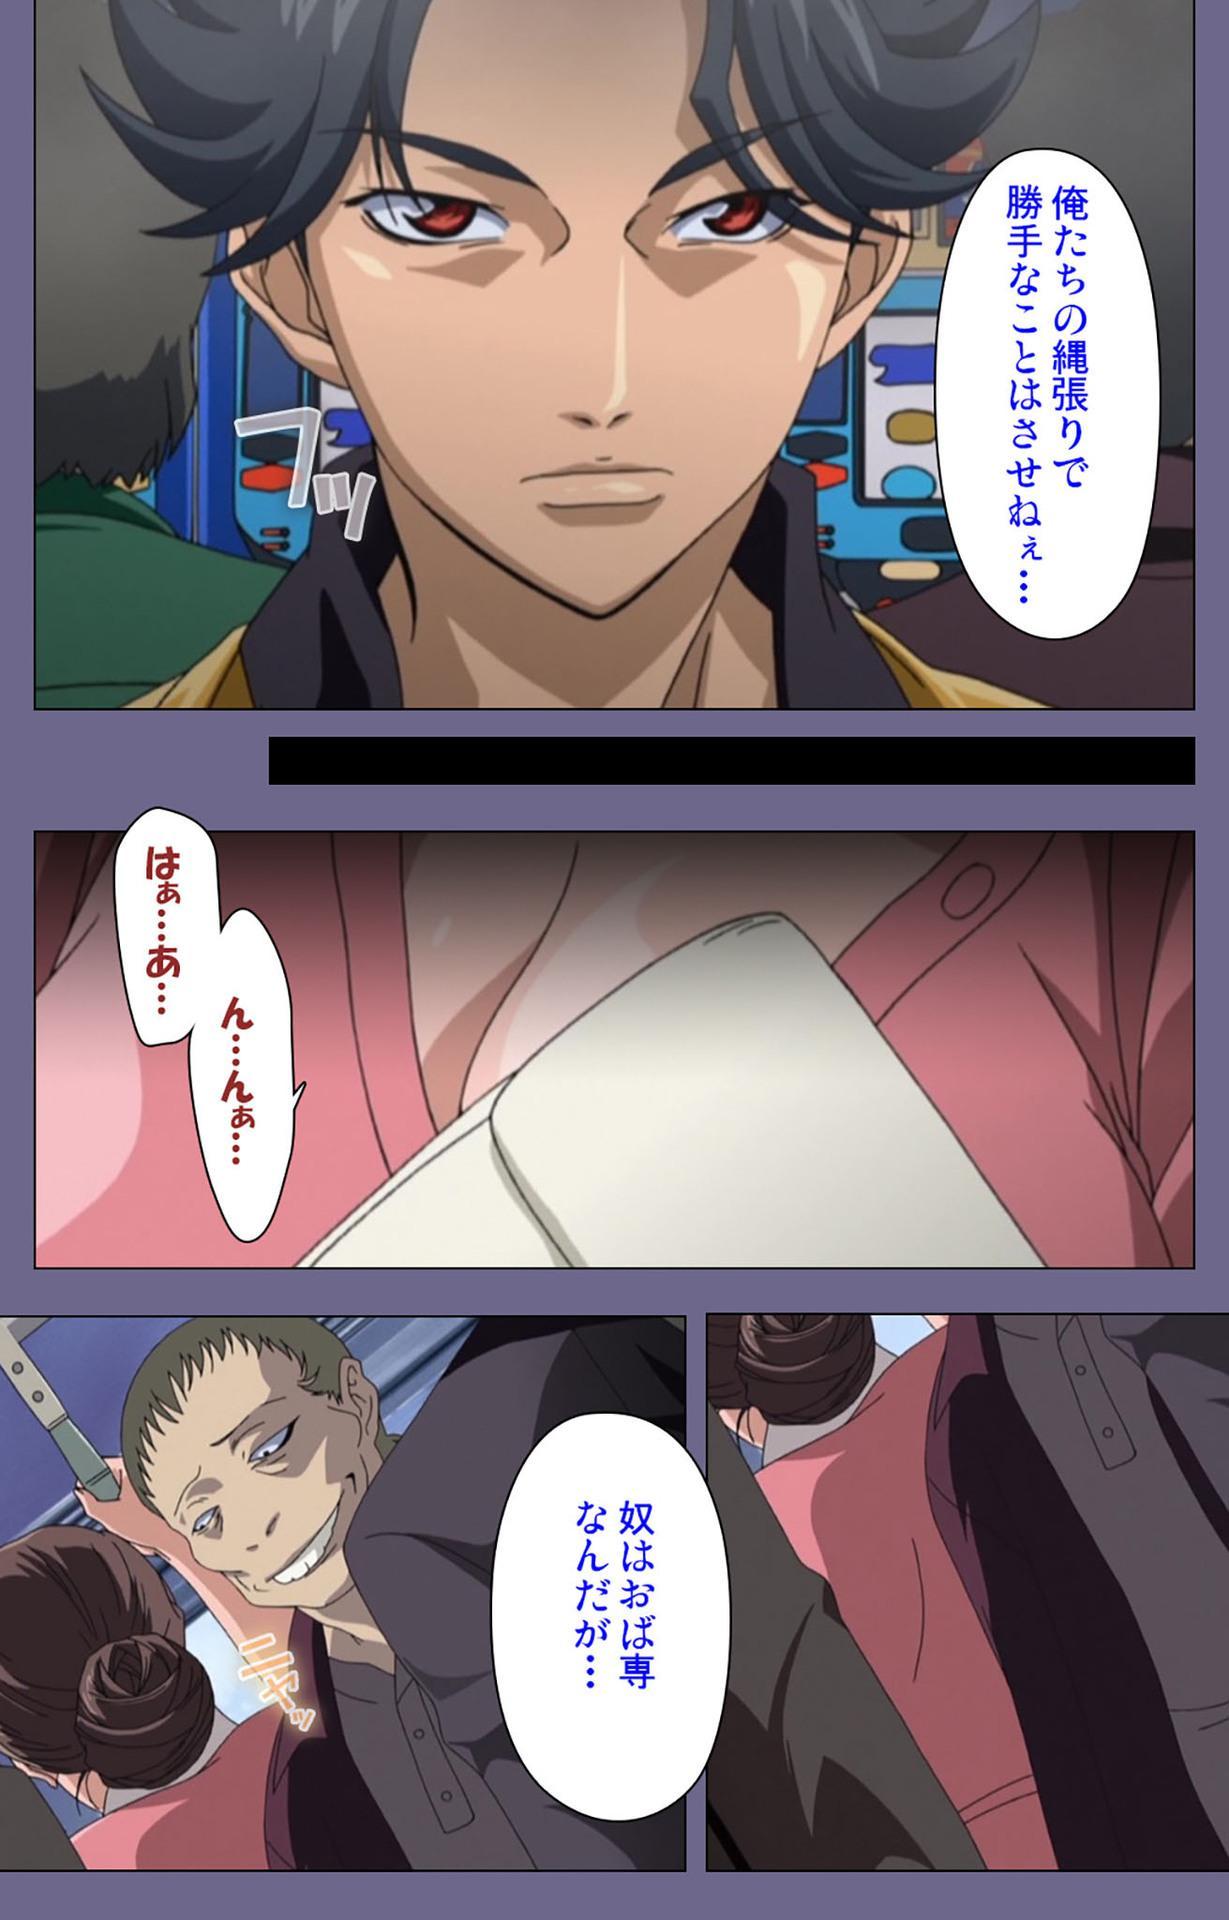 Itazura kanzenhan 148